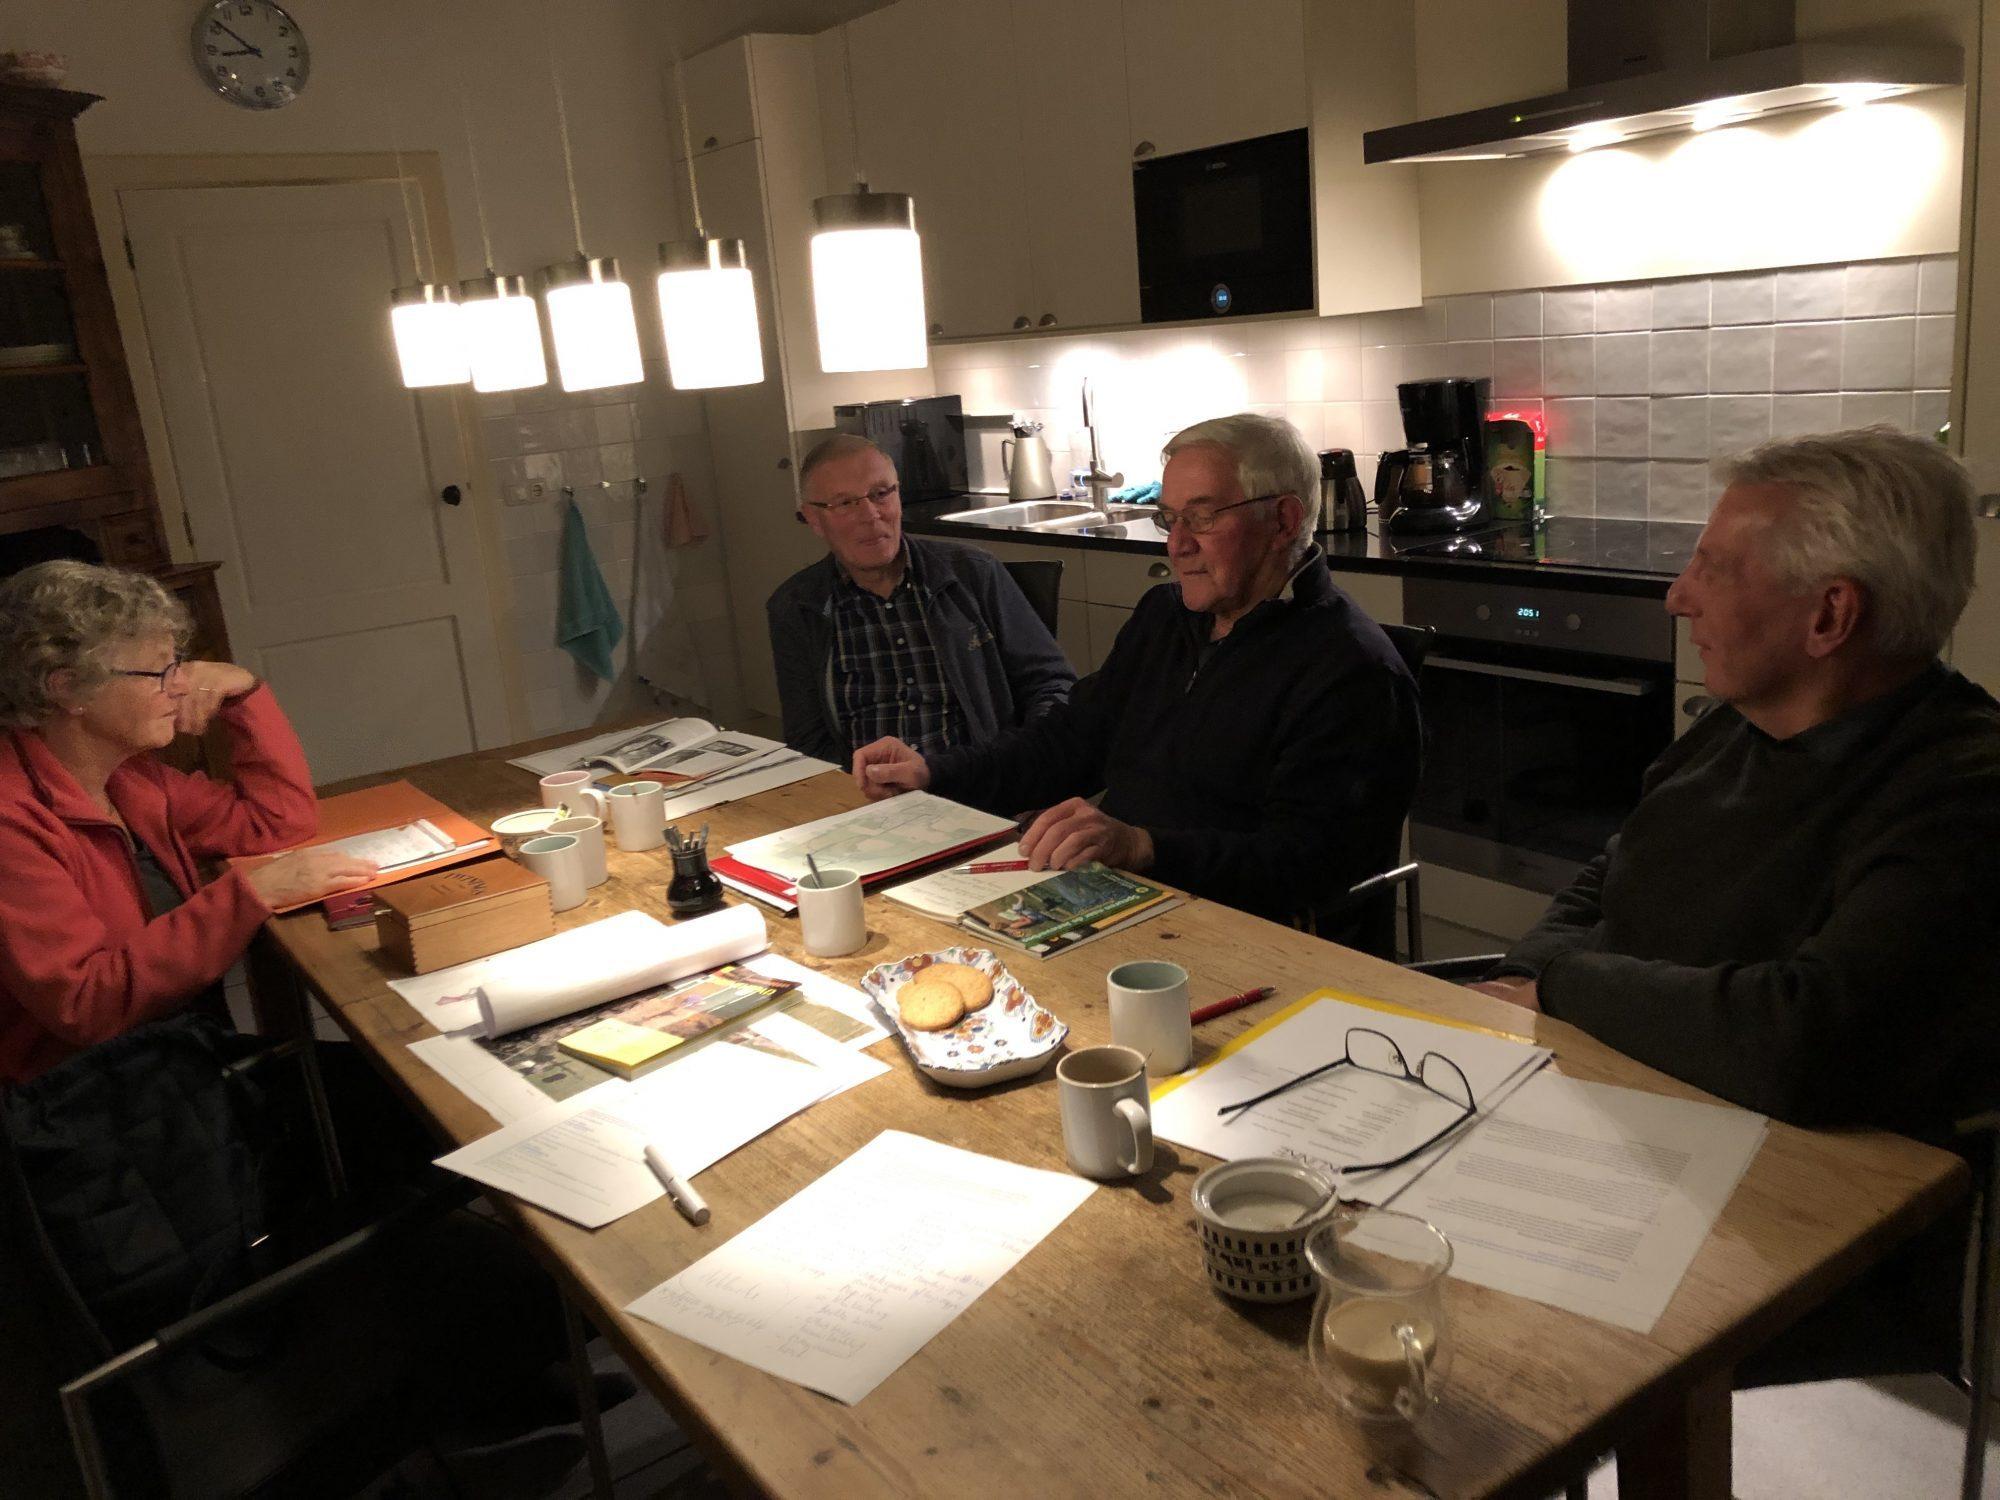 De commissie educatie van De Toorn van Thunaer in overleg over de wandel- en fietsroutes